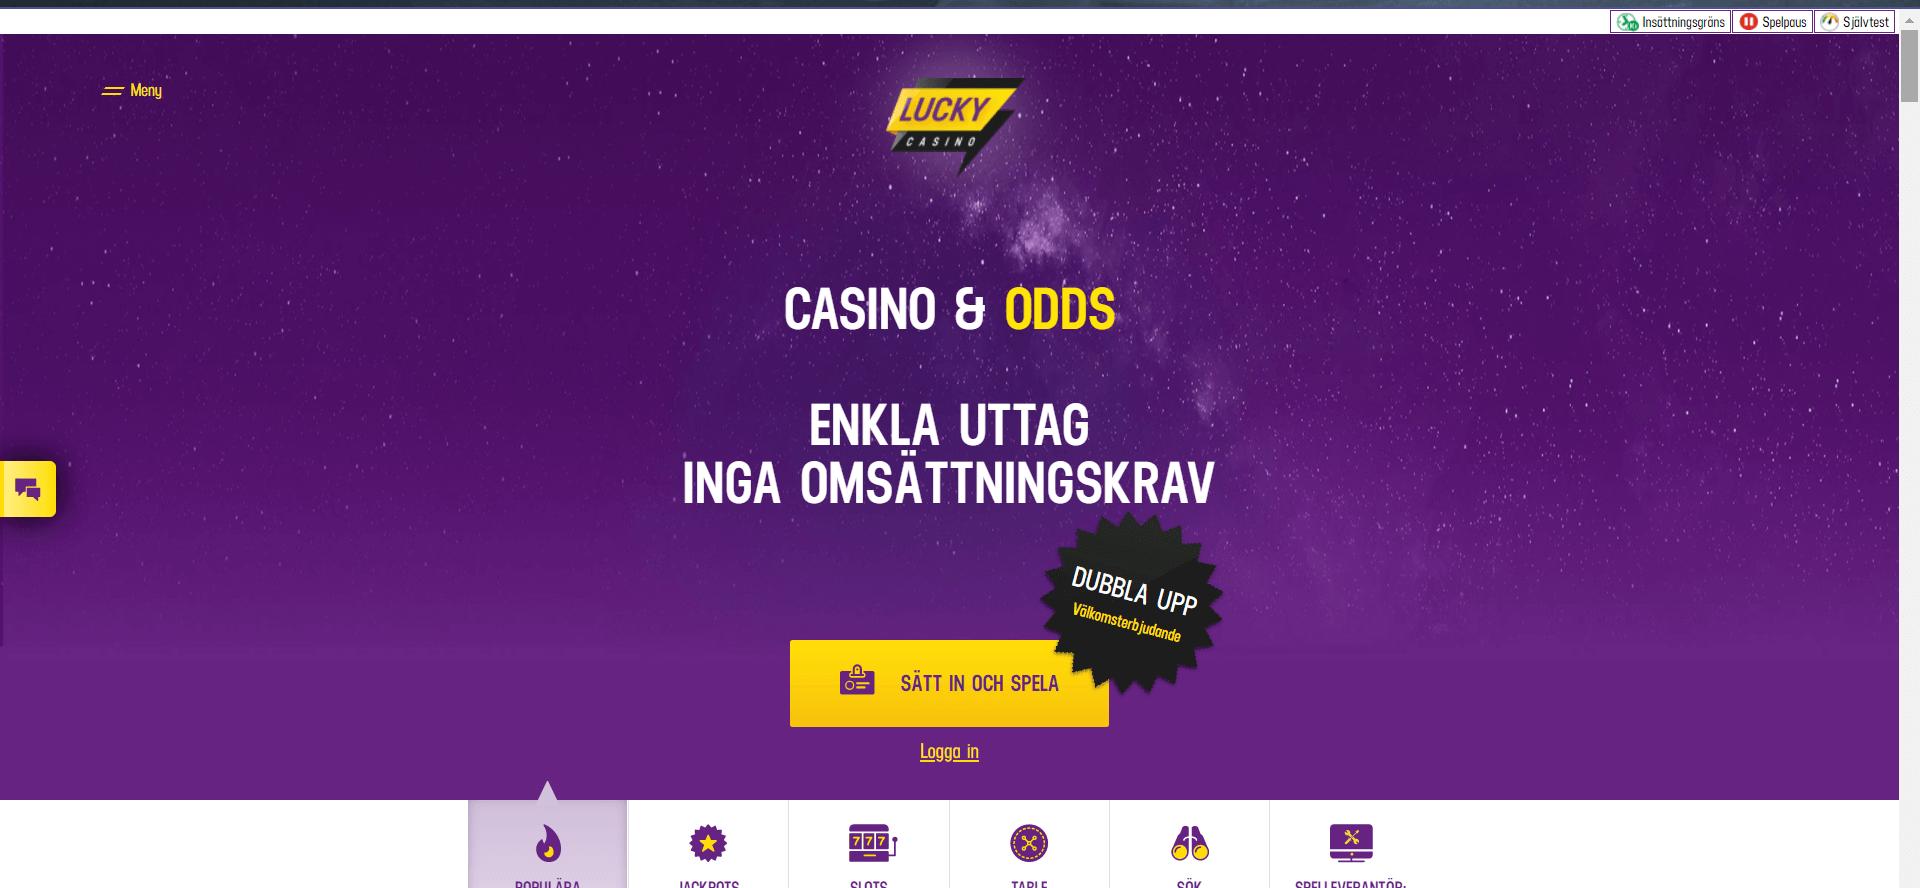 LuckyCasino - Ett slimmat online casino